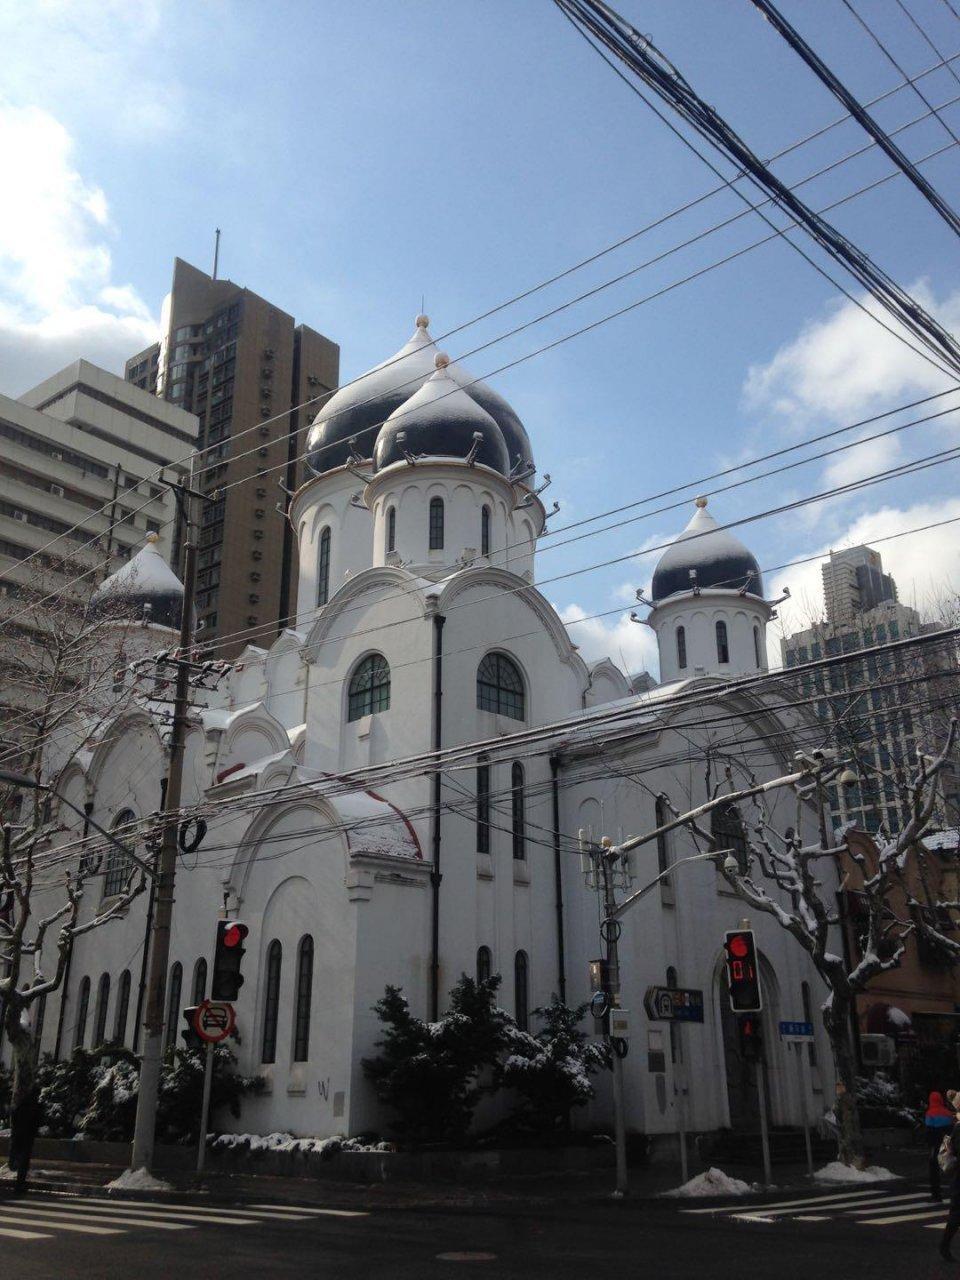 雪中的童話建築-上海聖母大教堂 - 壹讀